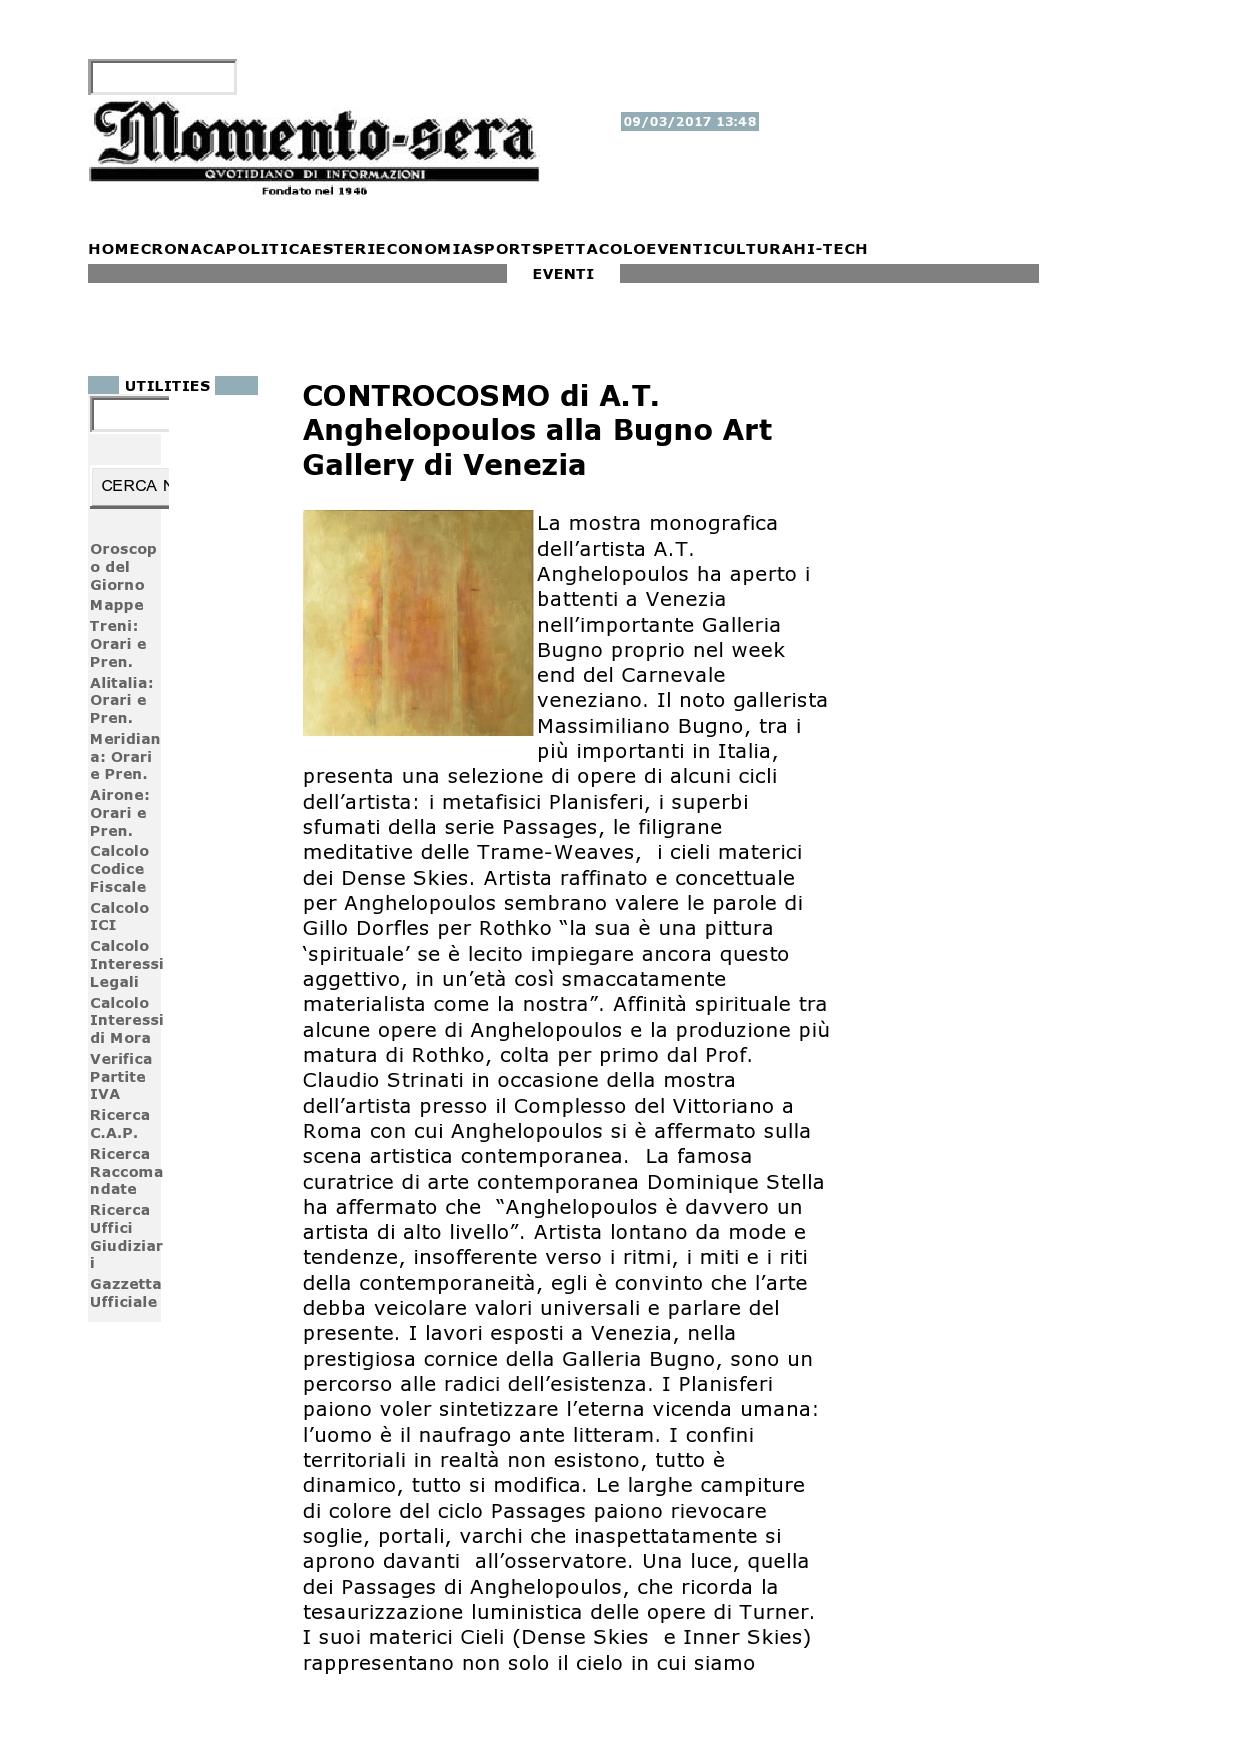 Momento Sera Controcosmo-page0001